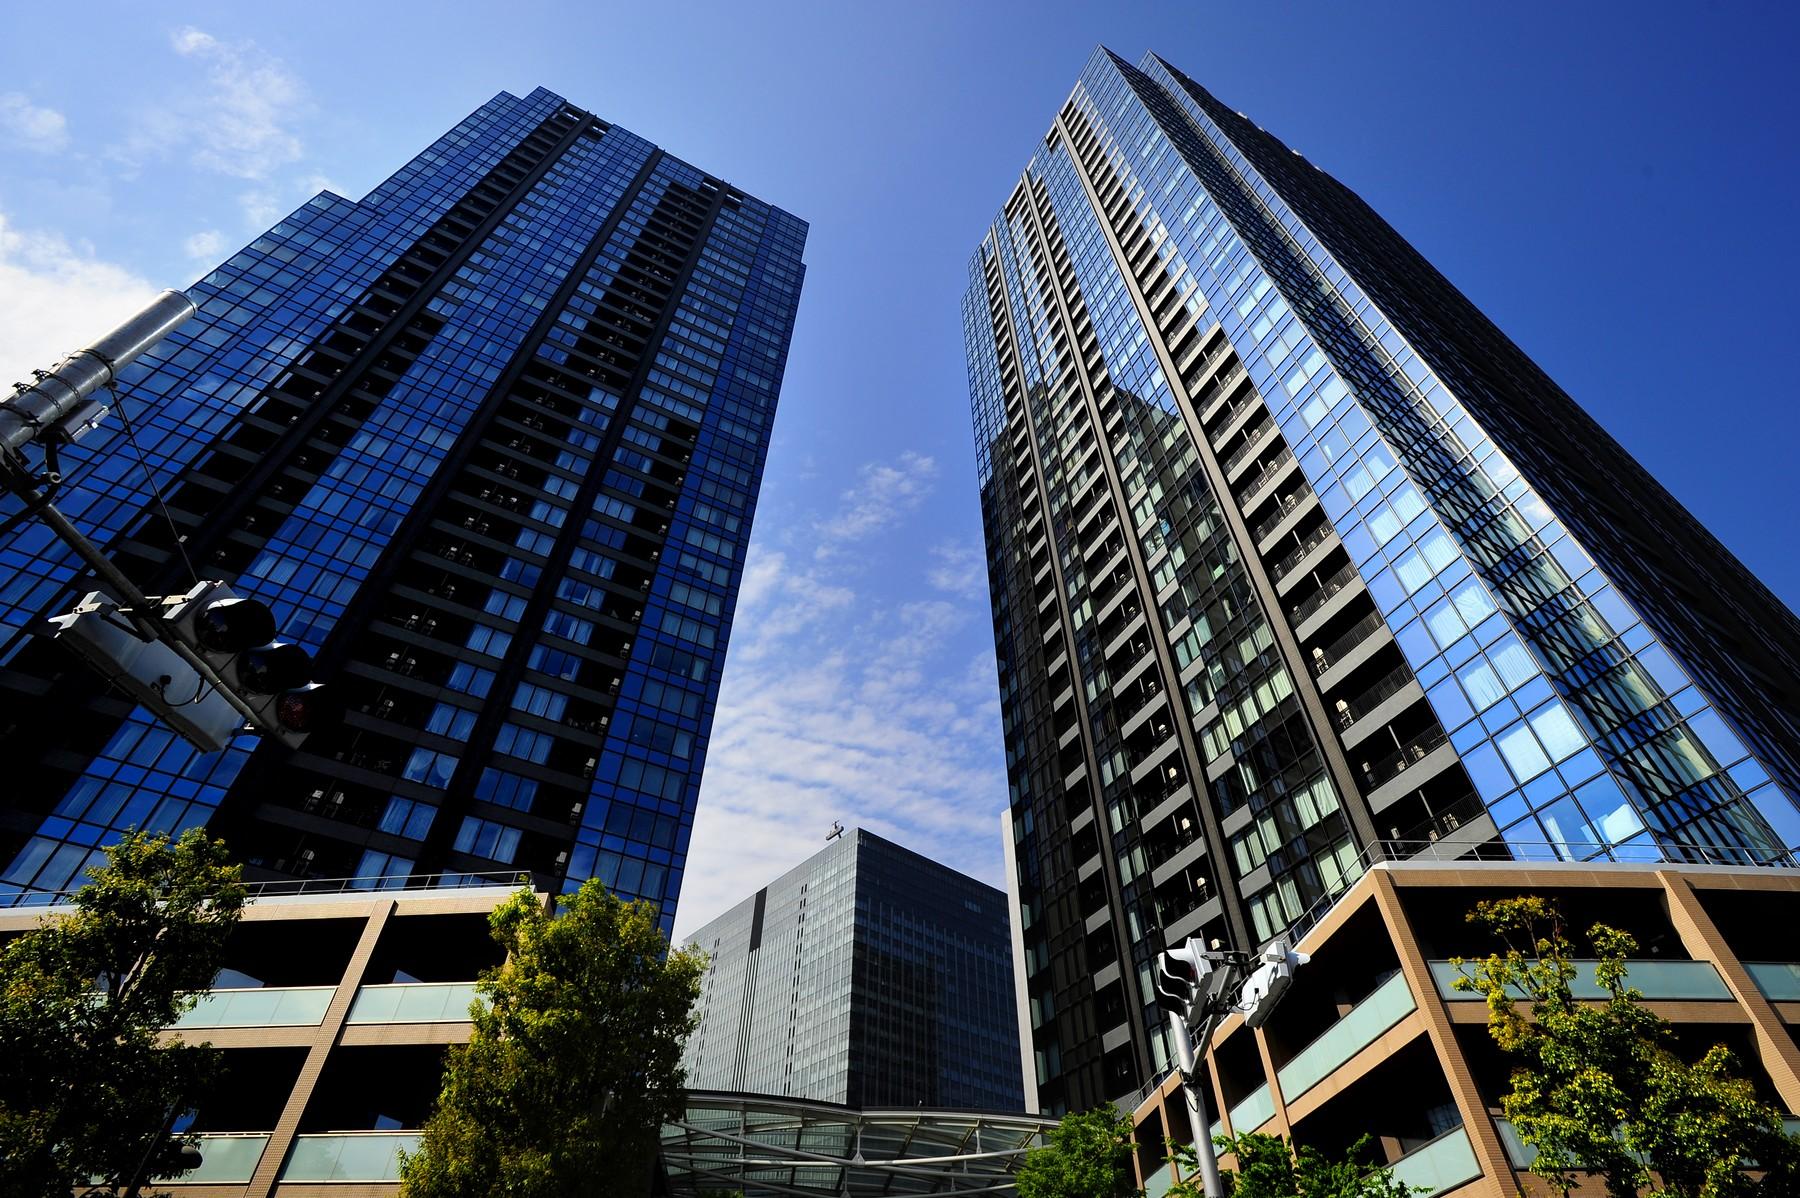 Căn hộ vì Bán tại Osaki West City Towers WEST Shinagawa-Ku, Tokyo Nhật Bản